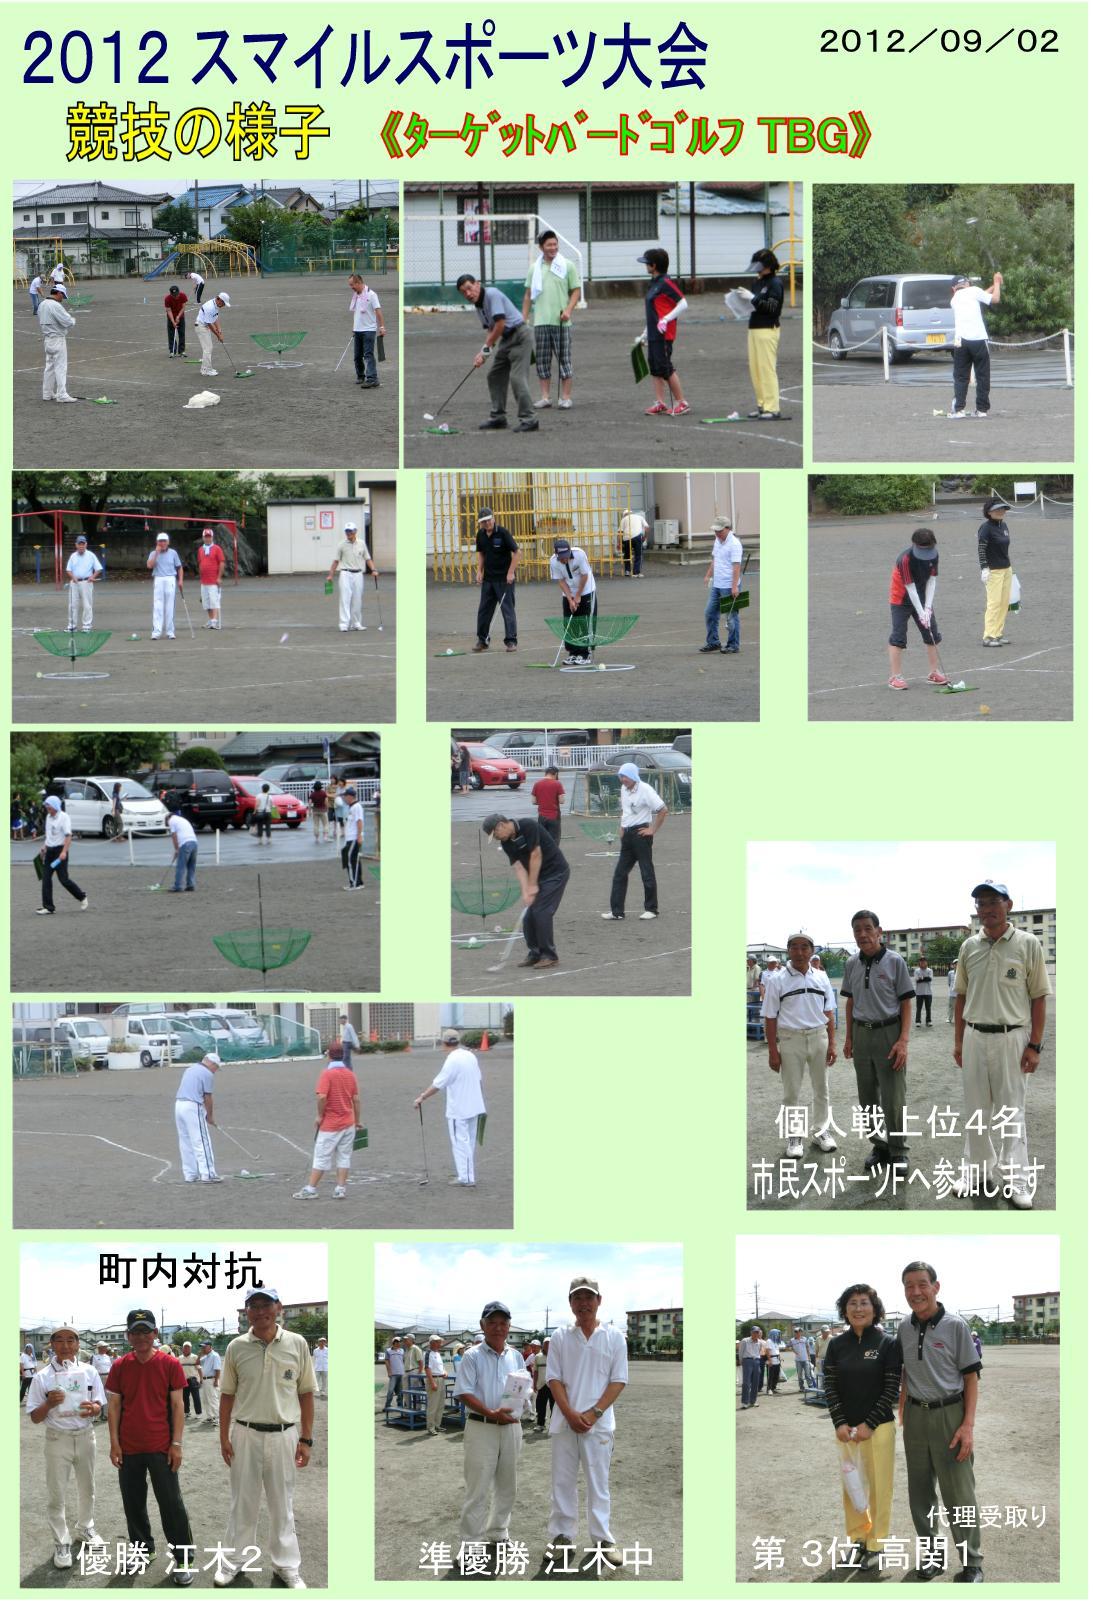 2012 競技速報(ターゲットバードG) A4版 .jpg